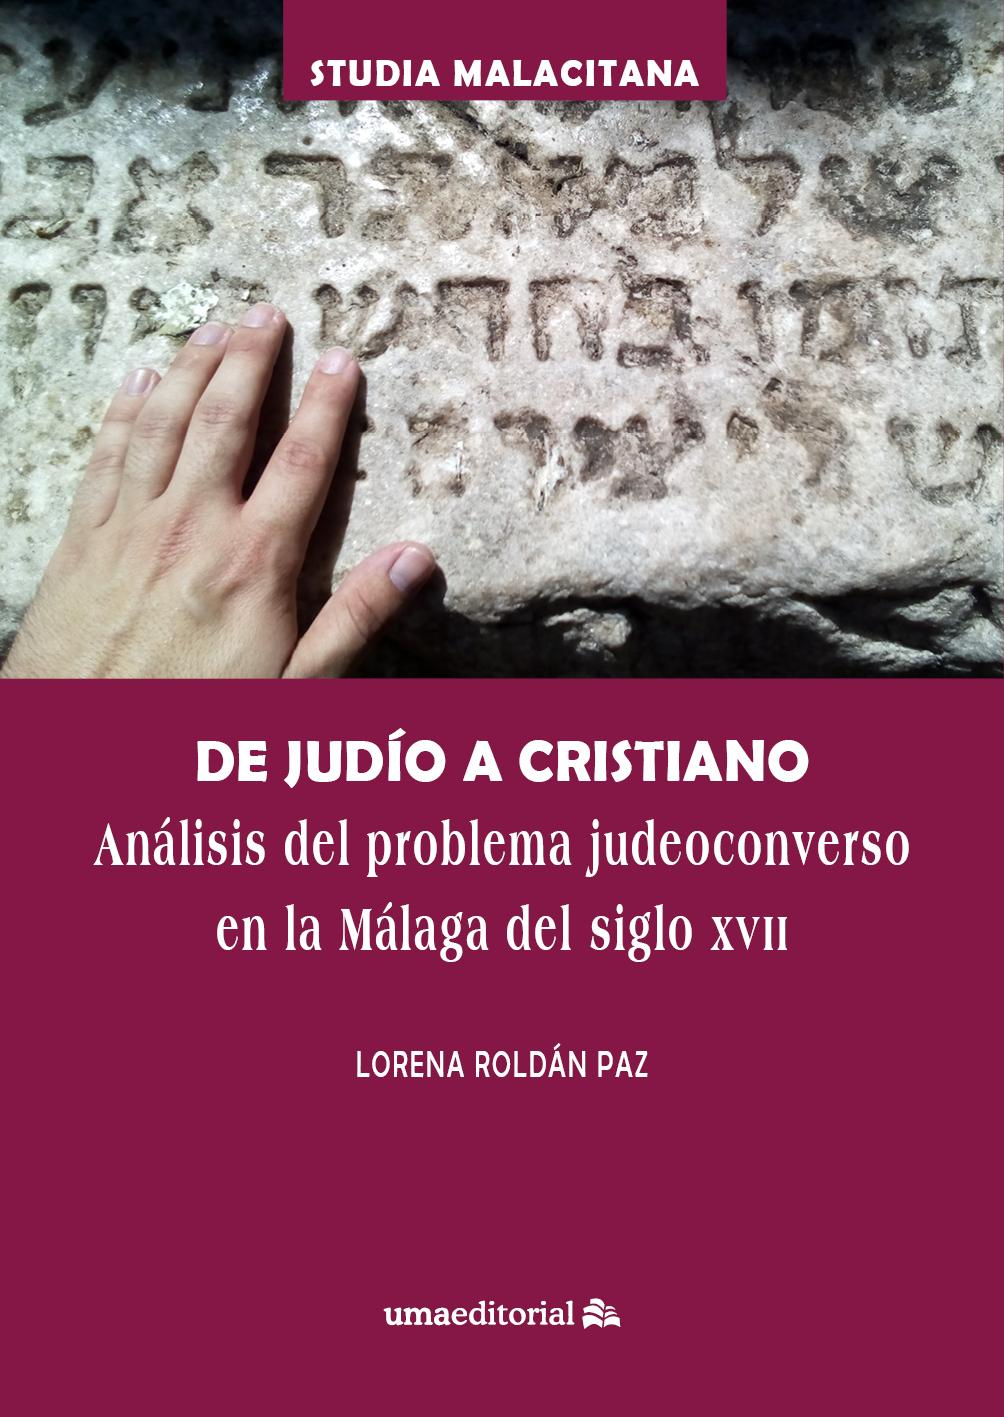 judío cristiano portada libro